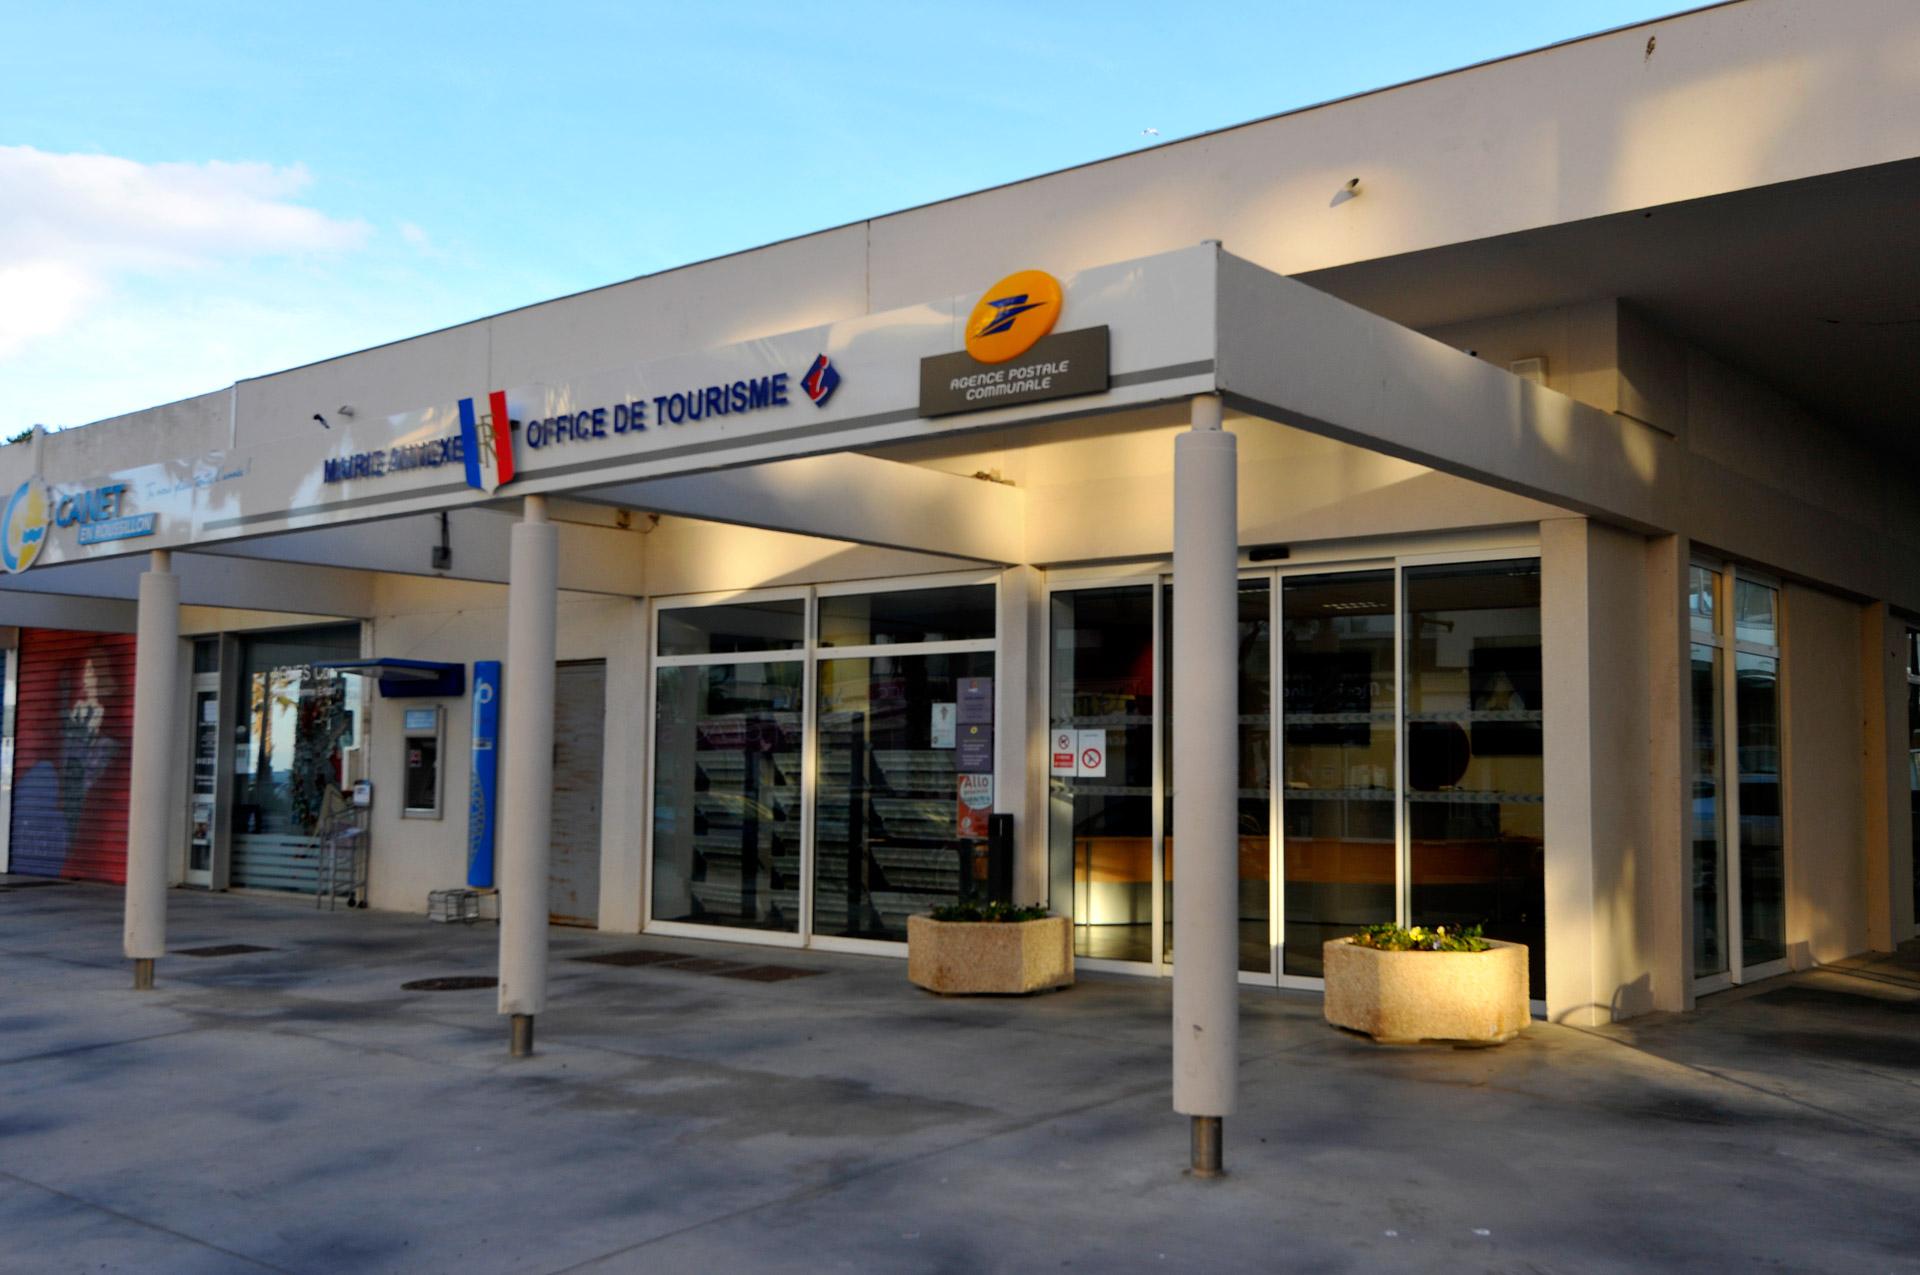 Mairie annexe sud canet en roussillon - Office du tourisme de canet en roussillon 66140 ...